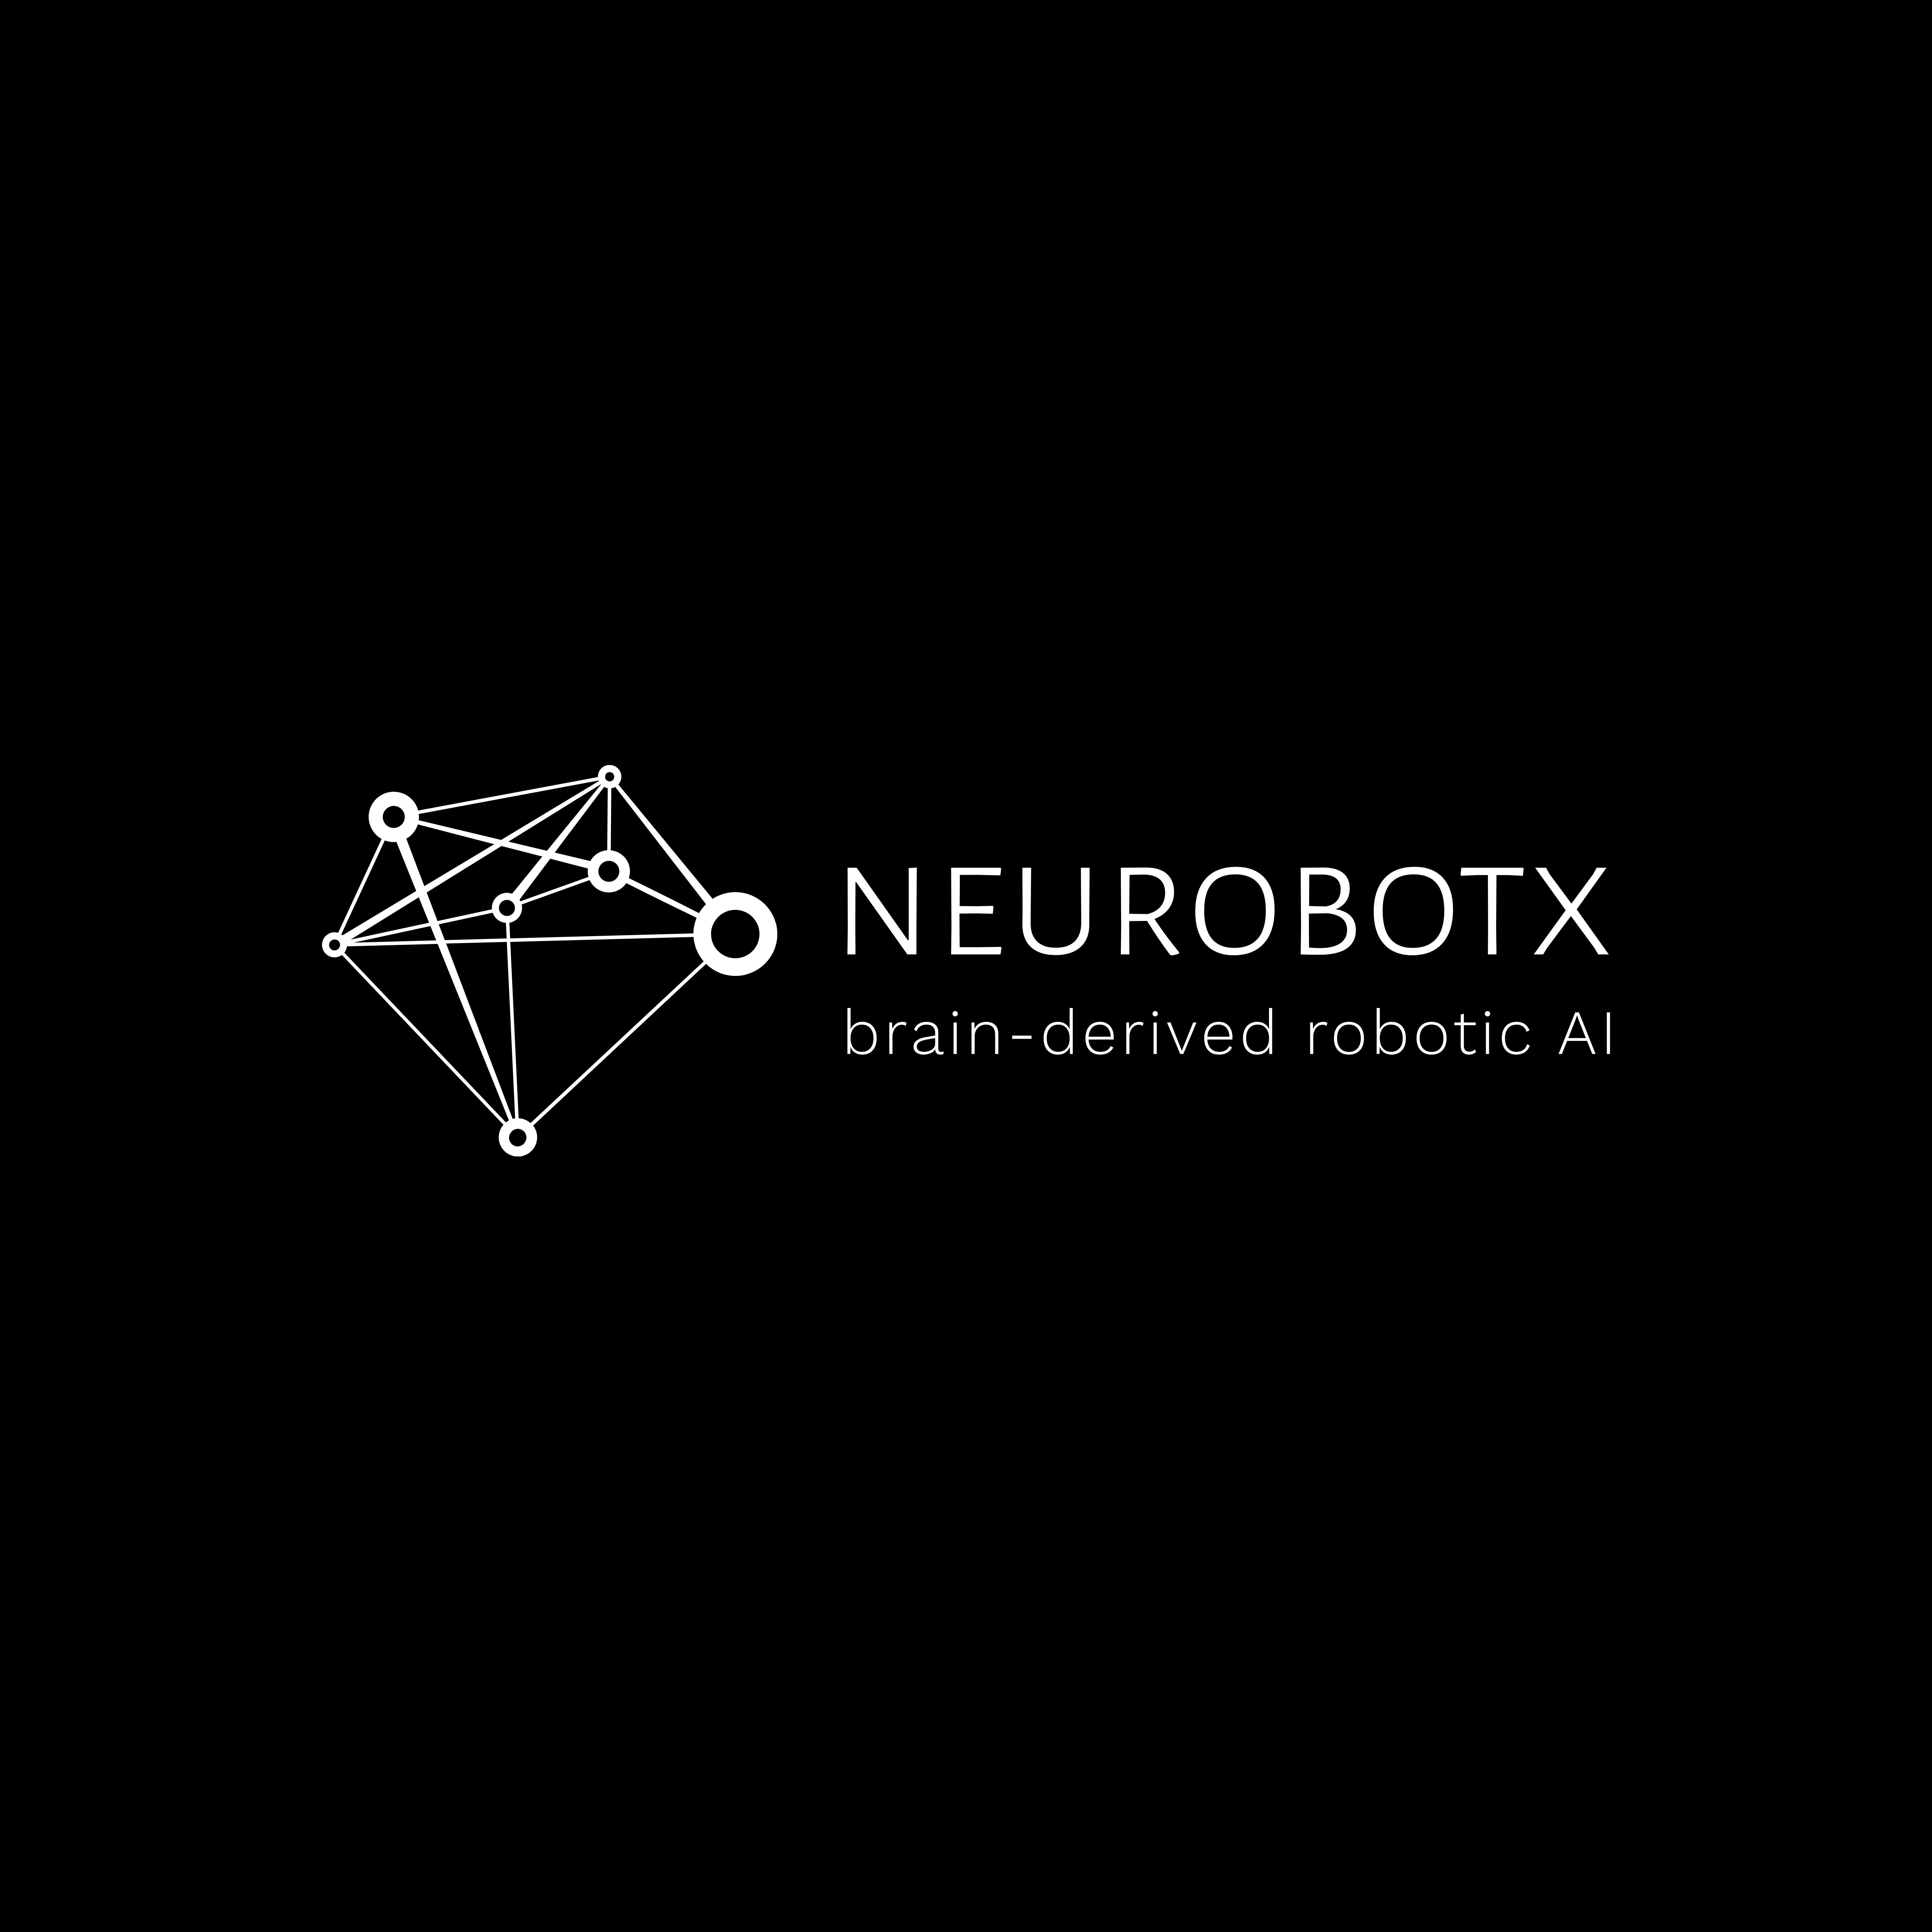 Neurobotx